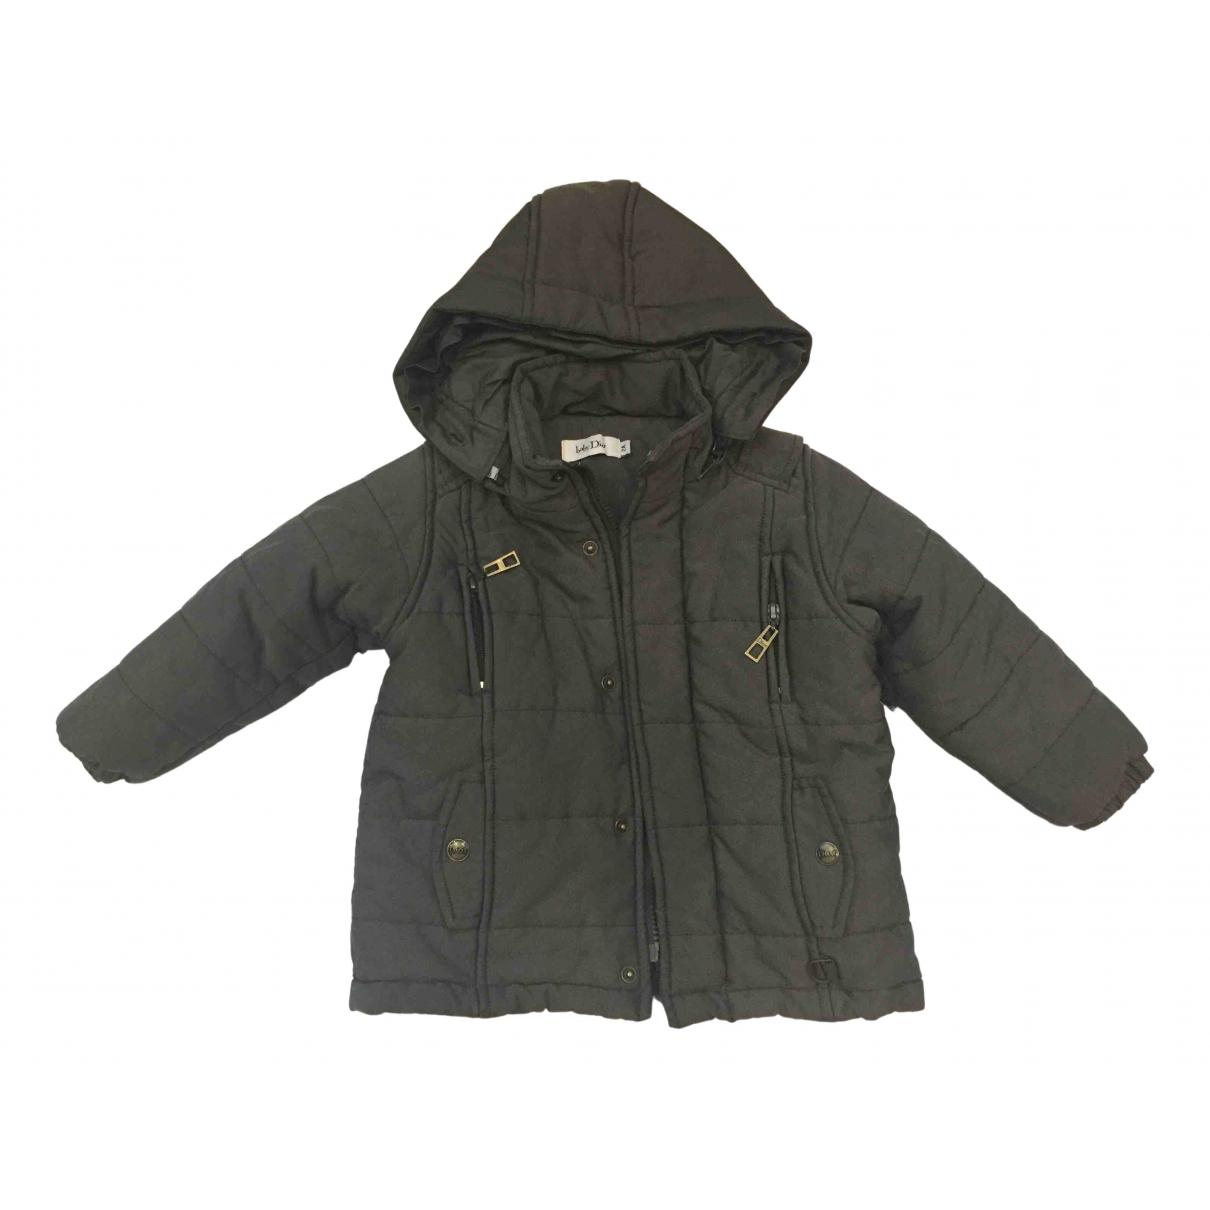 Dior - Blousons.Manteaux   pour enfant - gris